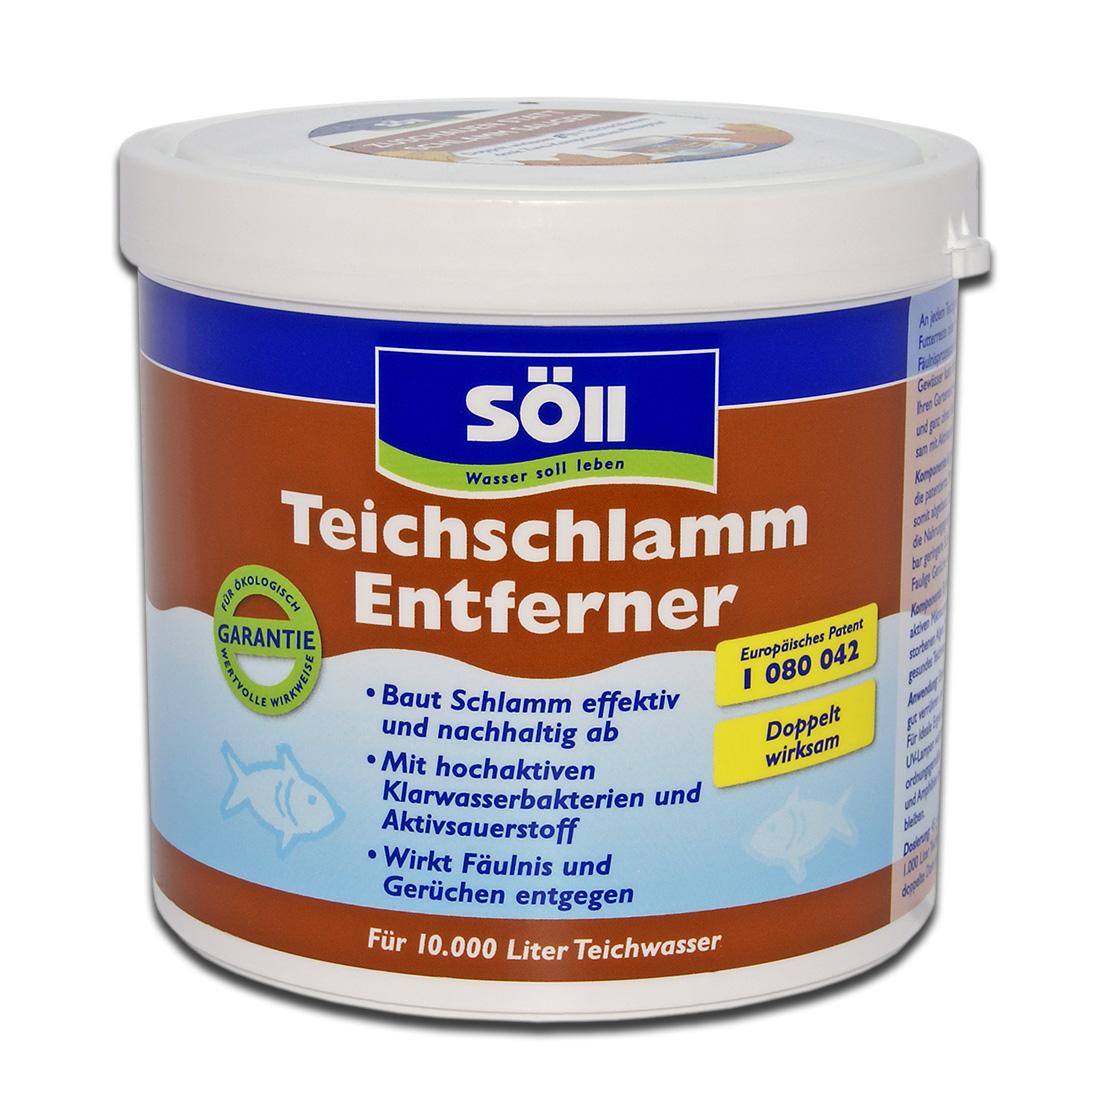 S ll teichschlammentferner gegen teichschlamm gegen for Gartenteichpflege algen